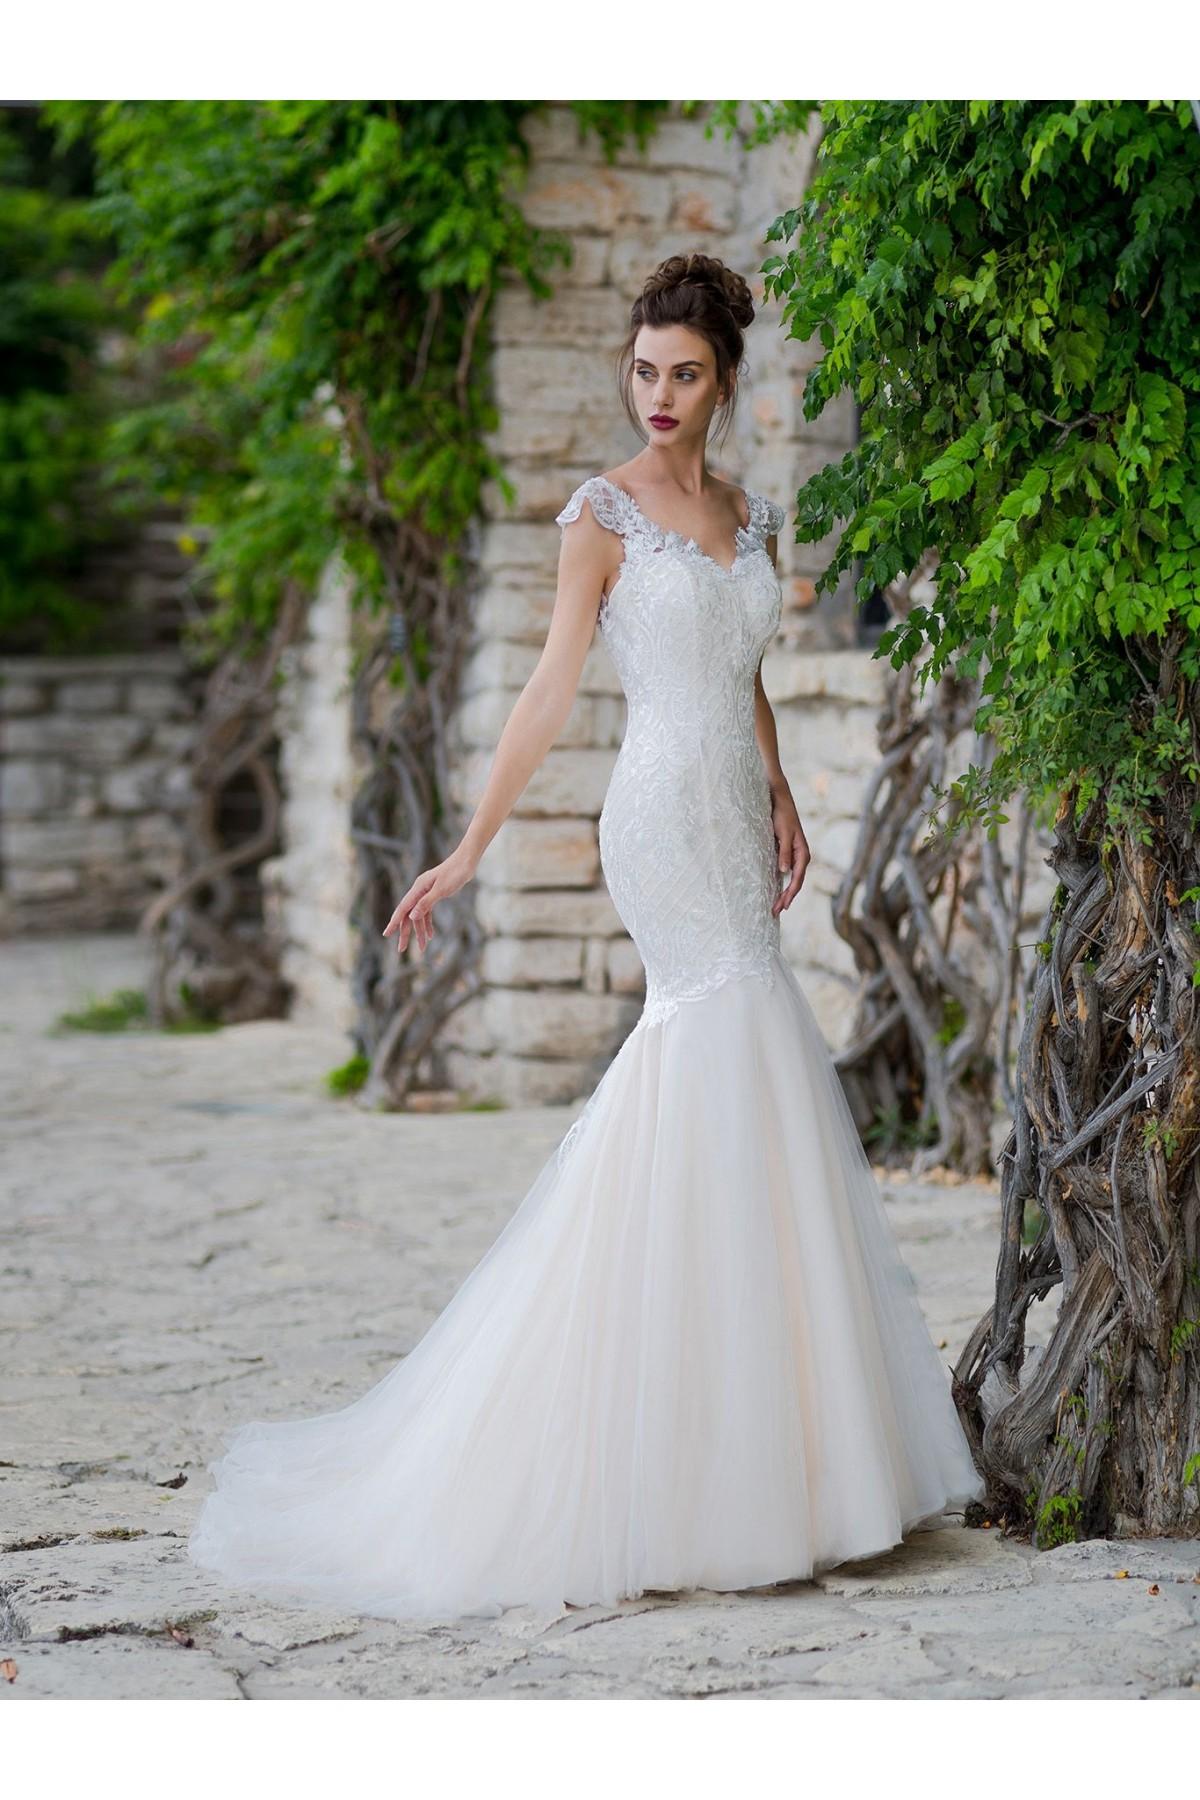 421bf53ae Tento model môžete ihneď skúšať alebo zakúpiť vo veľkosti 38 v farbe ivory  vo Svadobnom centre EvaMária v Seredi na M.R. Štefánika 9. Svadobné šaty  Beverley ...